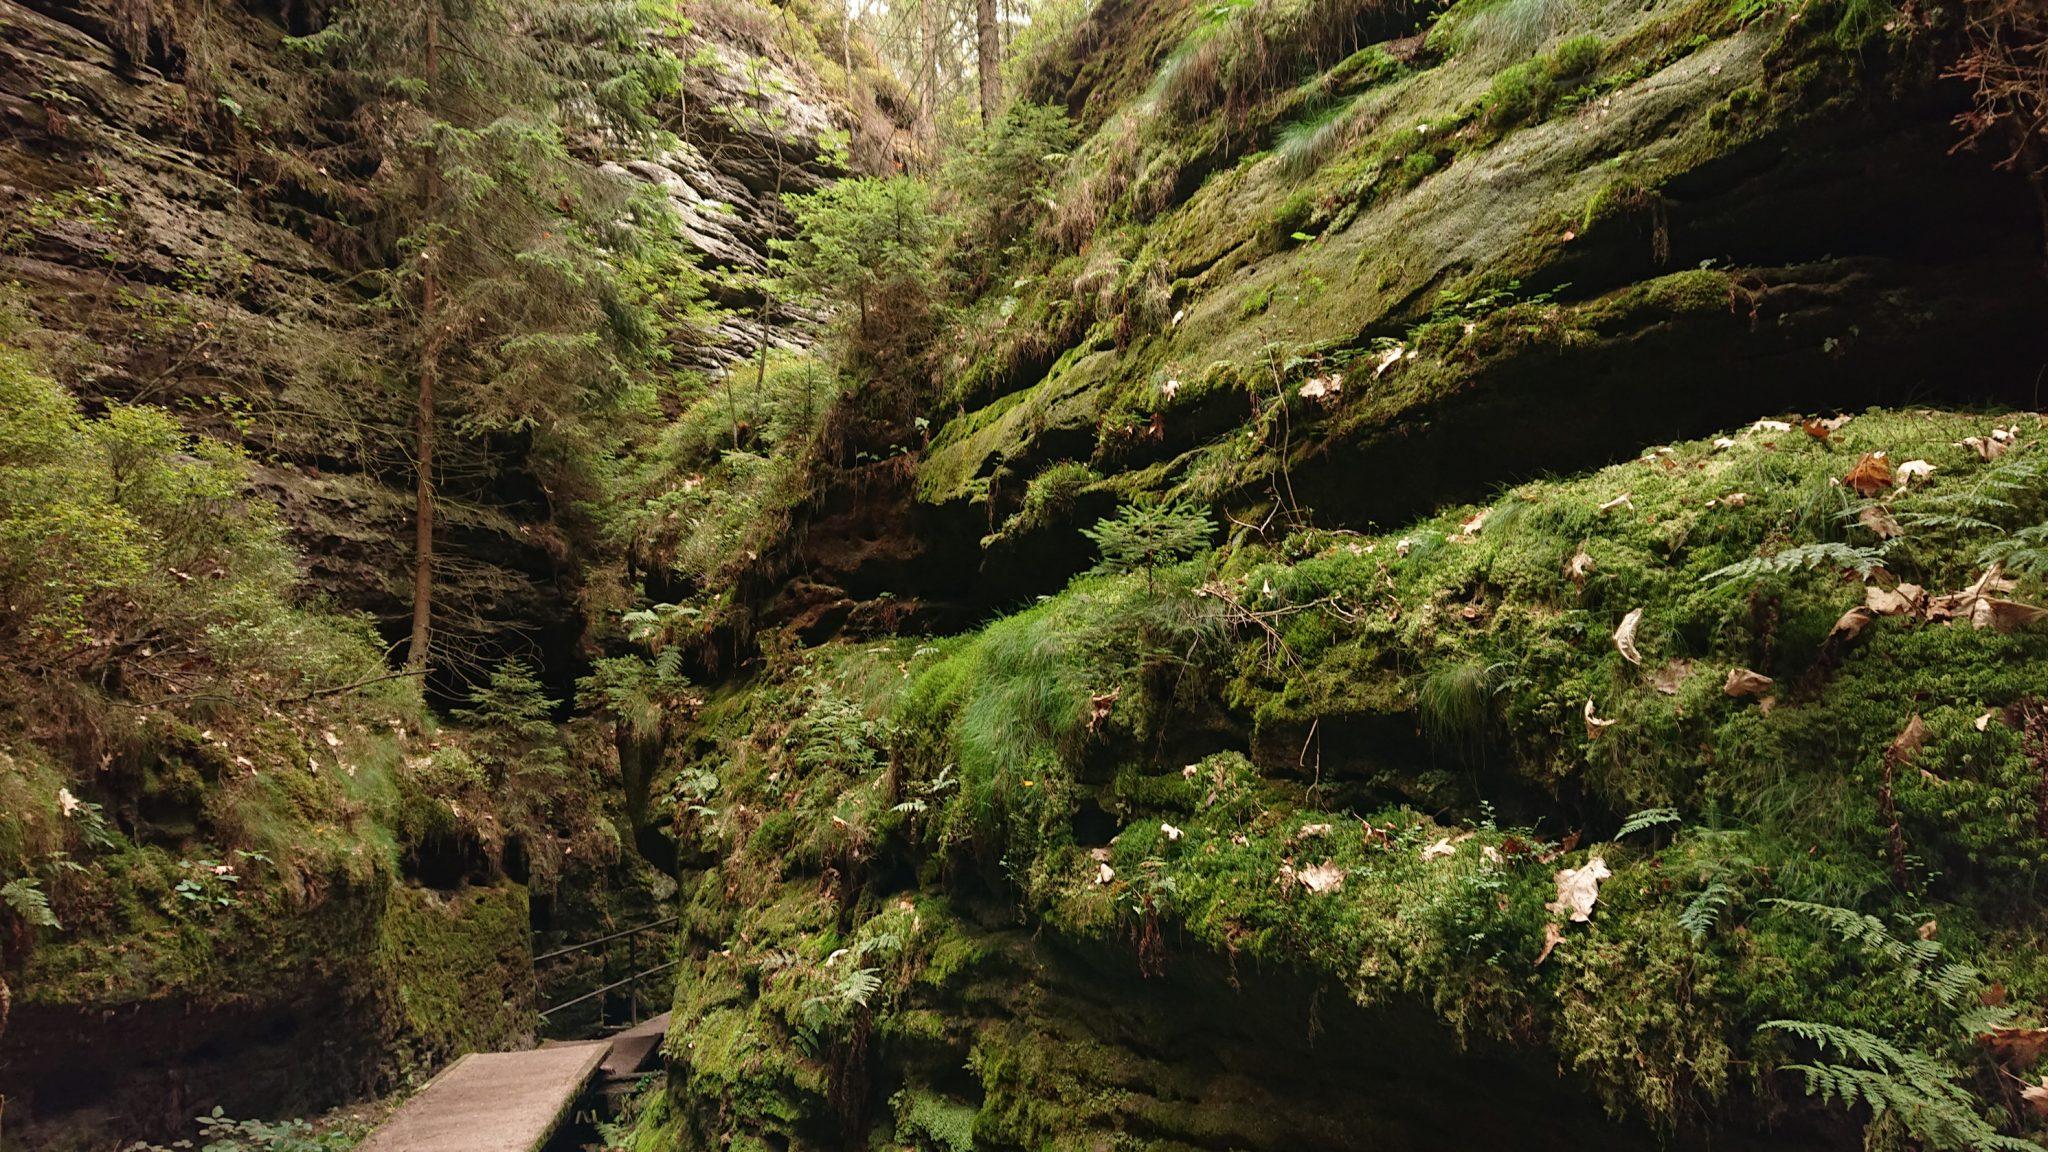 Wanderung durch Polenztal zur Bastei und zu Schwedenlöcher, Wanderweg durch die Schwedenlöcher, schmale Pfade entlang moosbewachsener Felsen